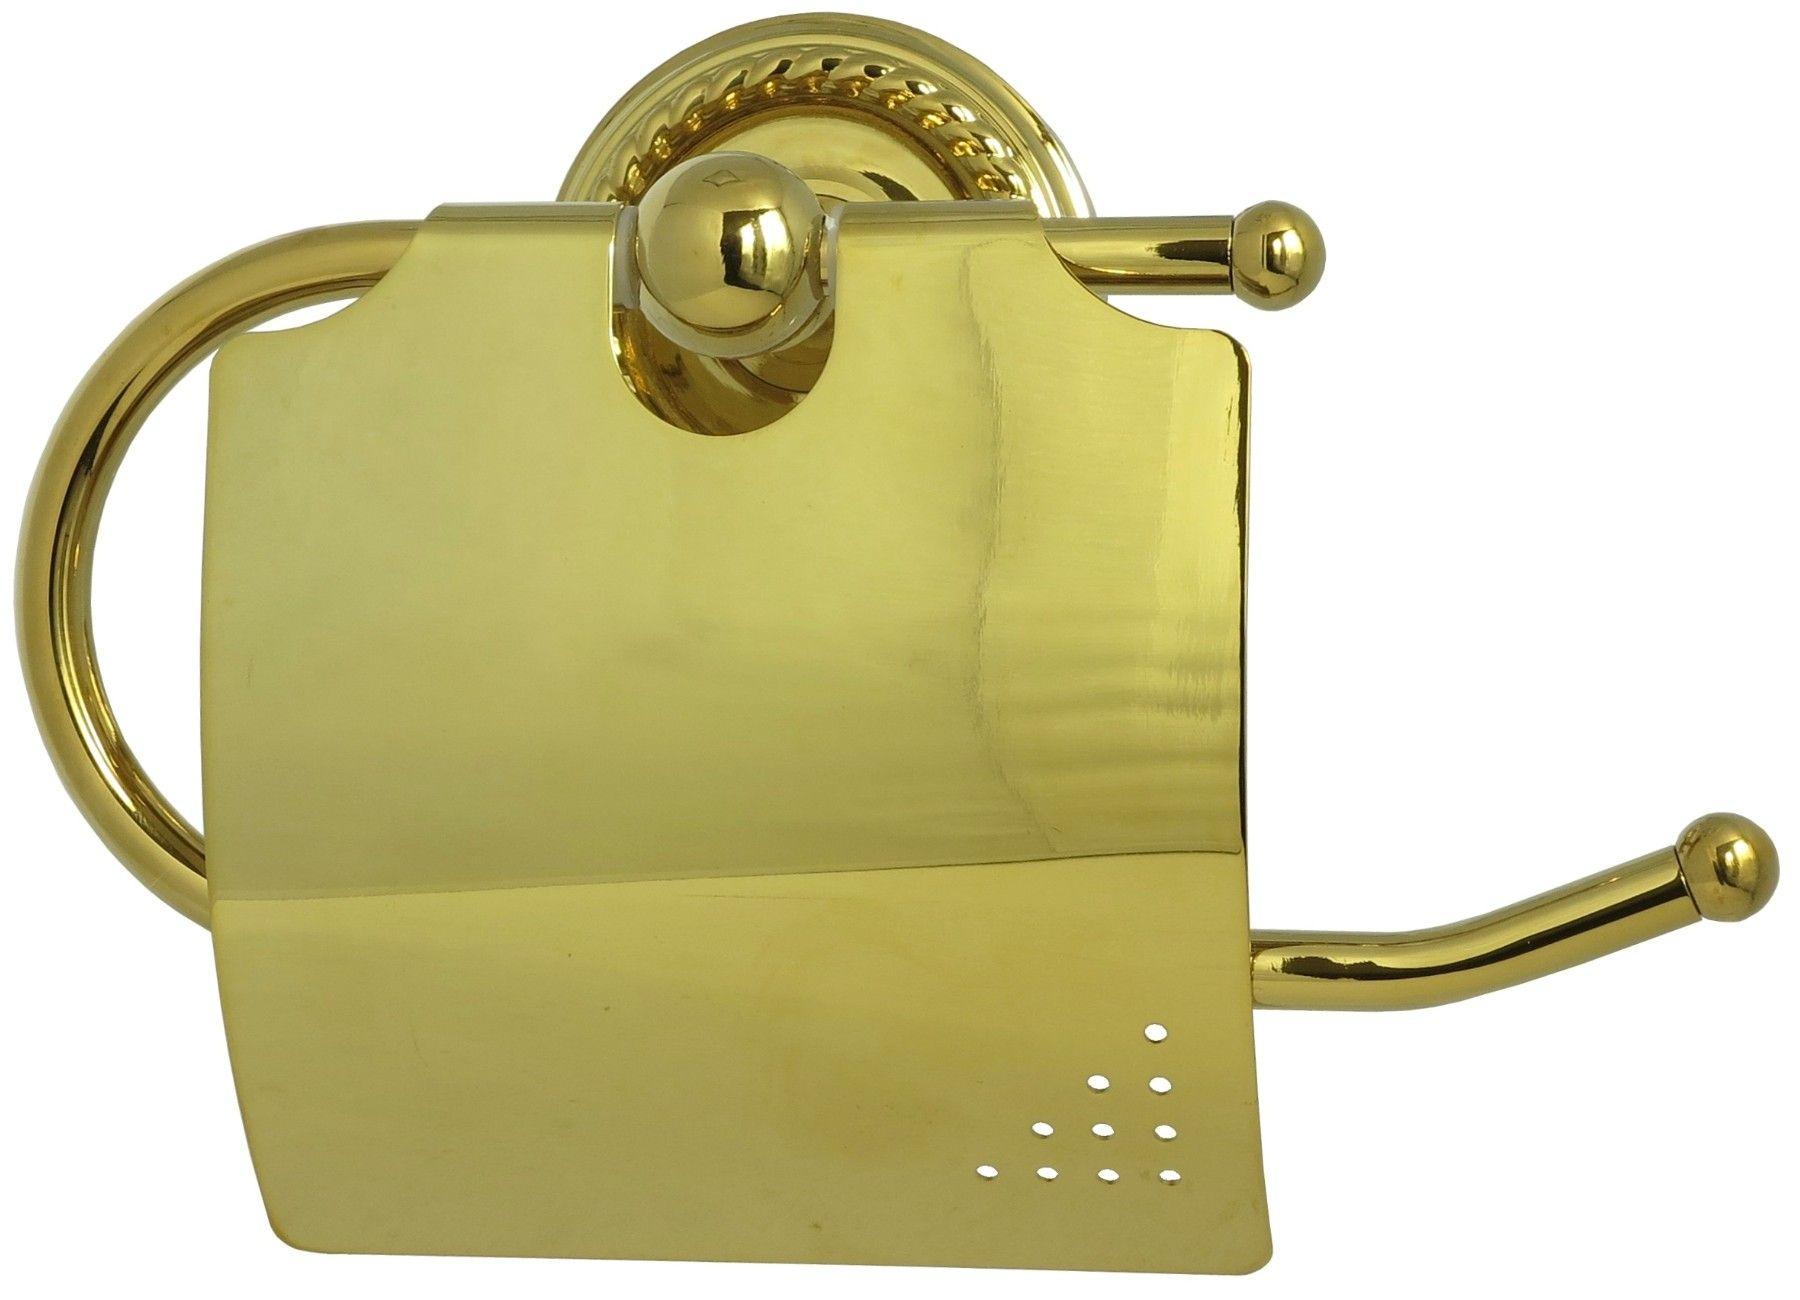 Bano-Accesorios-de-bano-badutensilien-badgarnituren-Set-Serie-bano-retro-oro